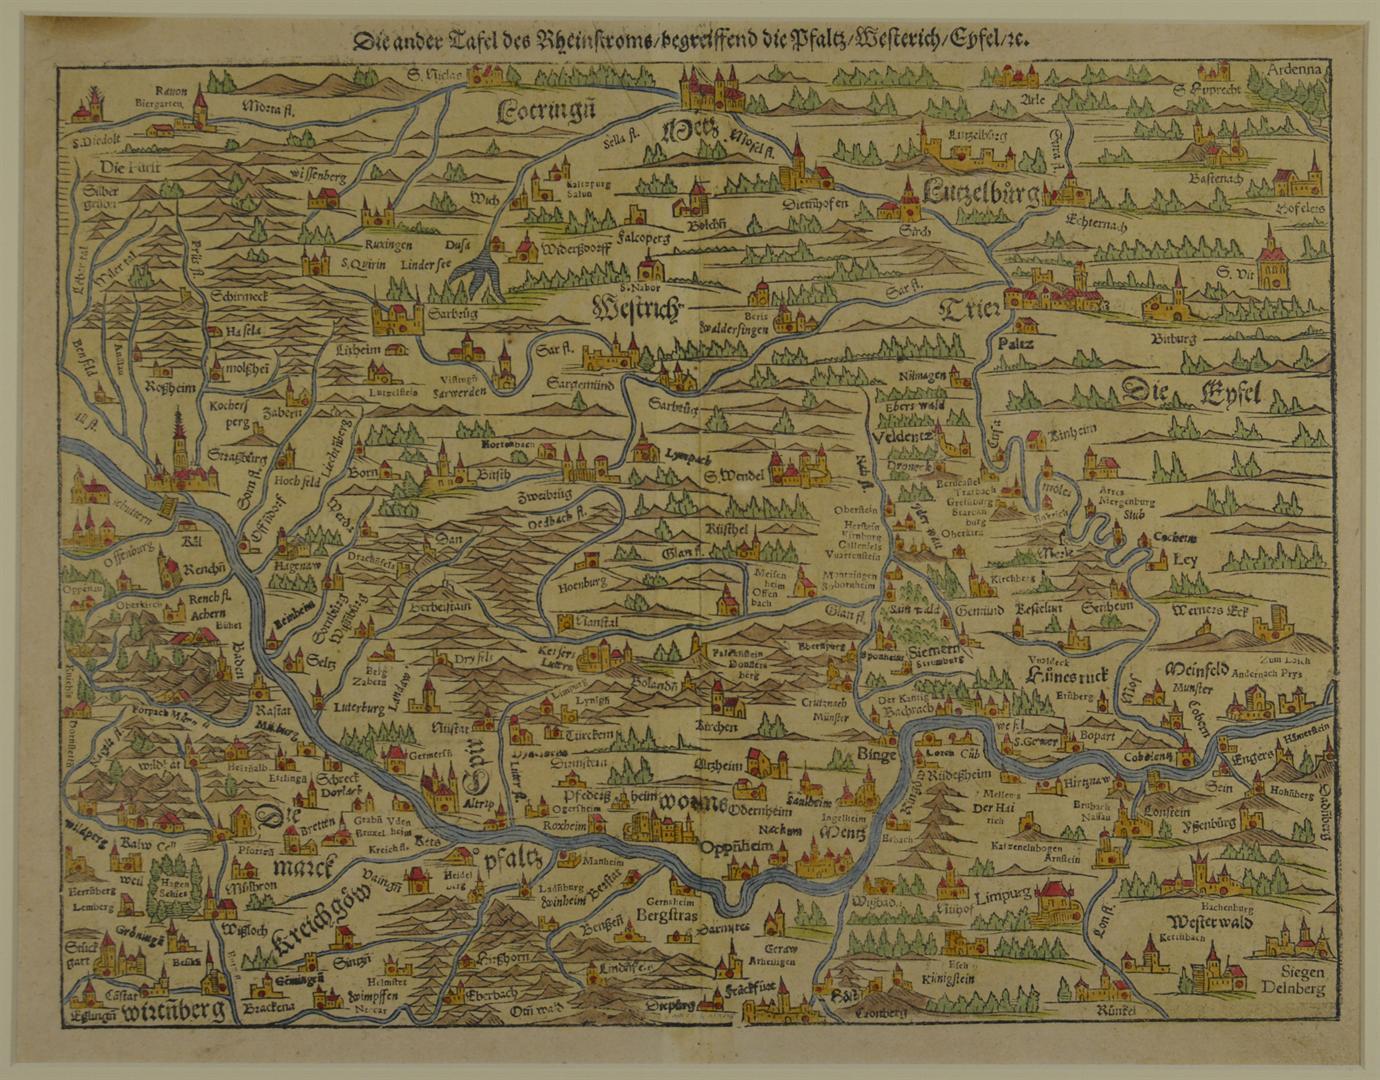 Le Rhin de Strasbourg à Cologne . Gravure dur bois de Sebastian Münster 1588 (Archives départementales du Bas-Rhin)